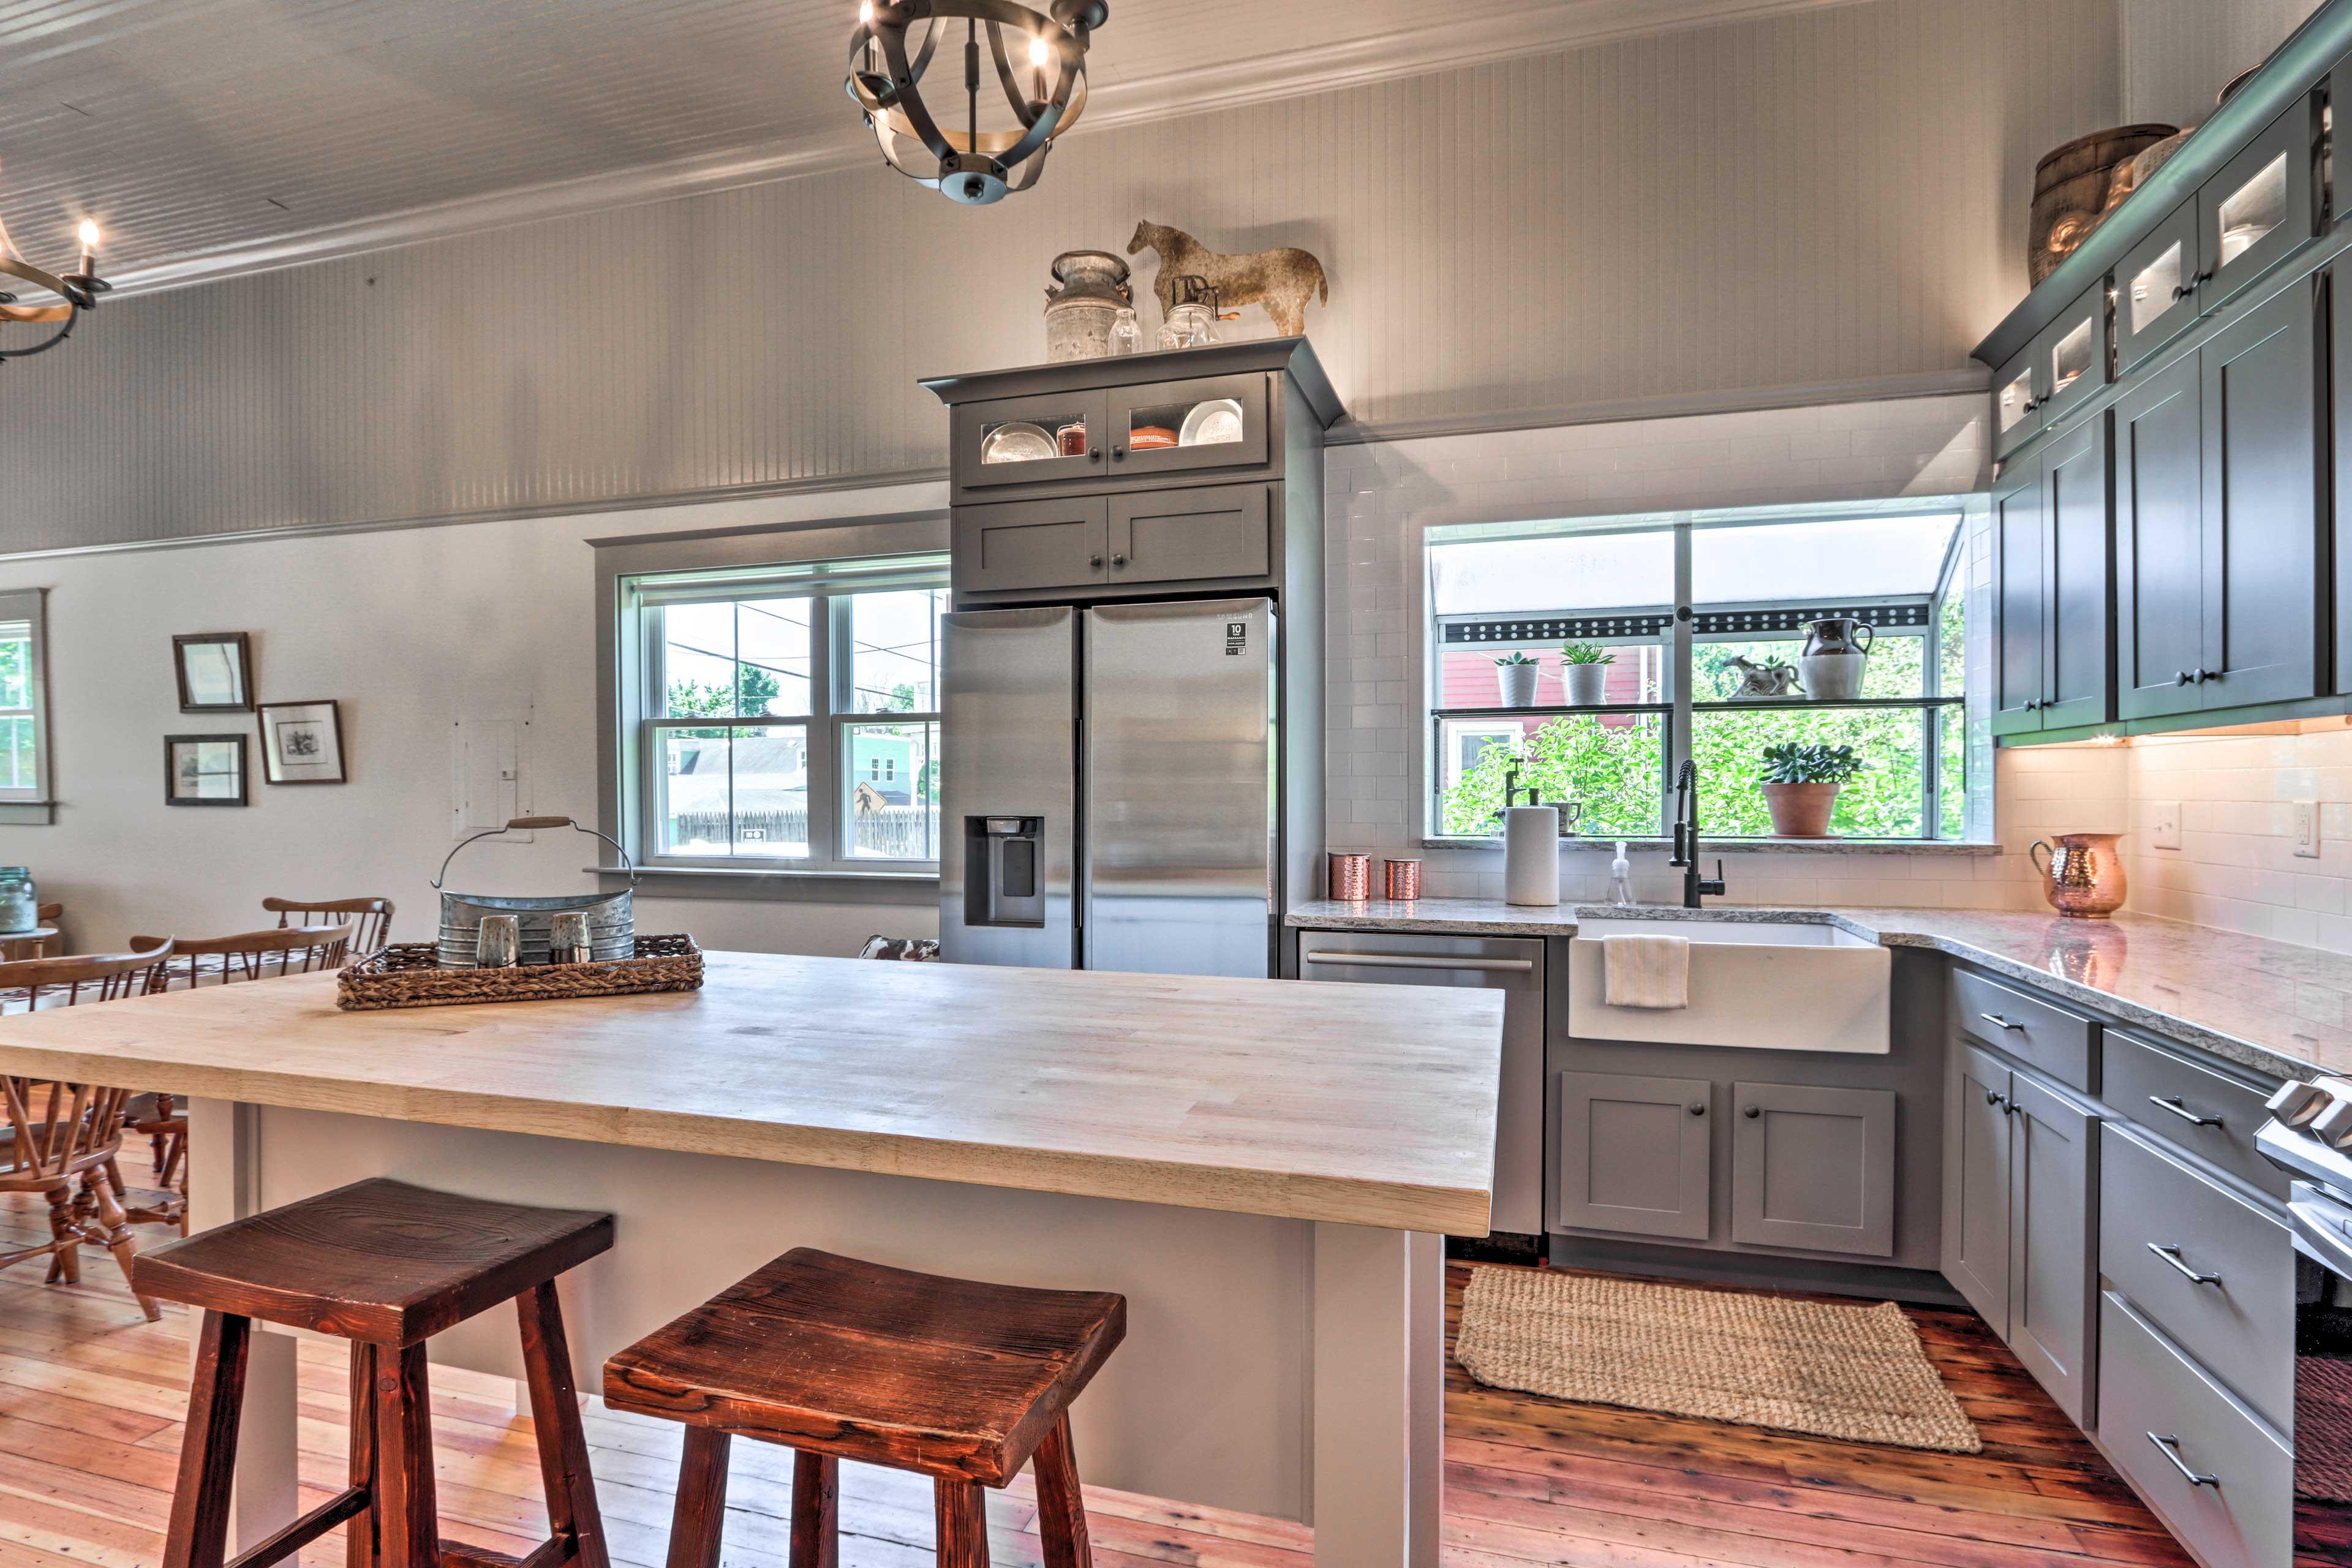 Kitchen | Farmhouse Sink